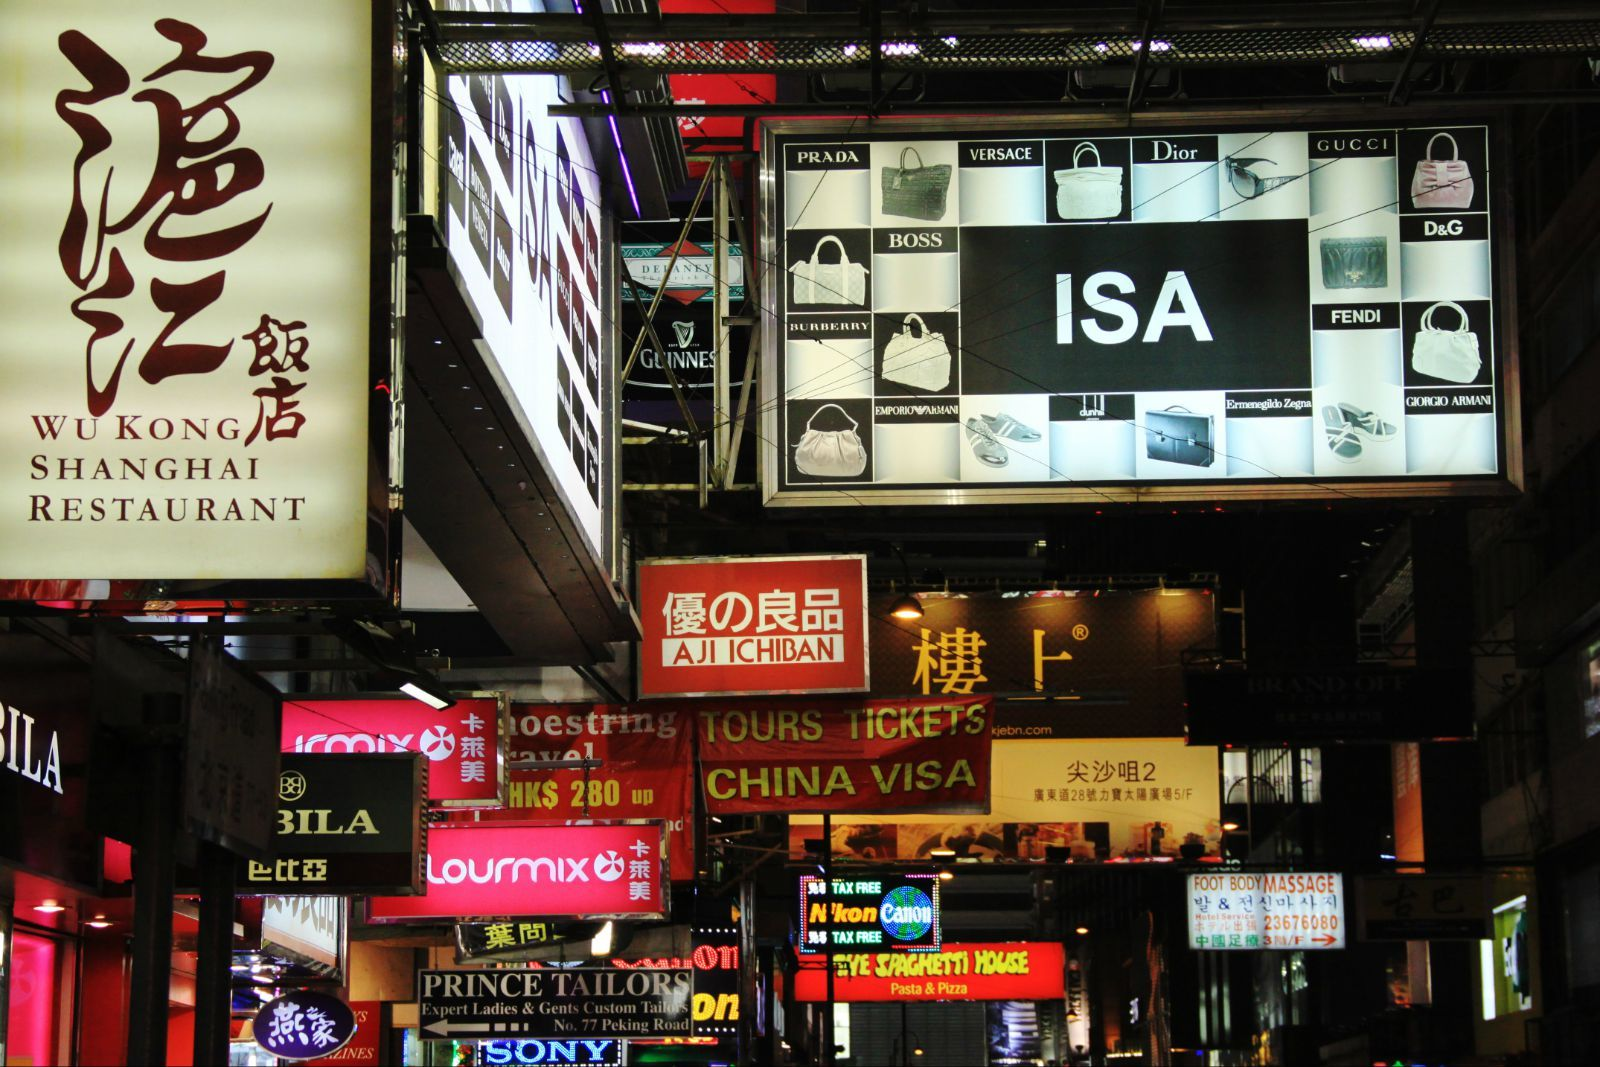 尖沙咀是香港九龙油尖旺区的一部份,位于九龙半岛南端,面临